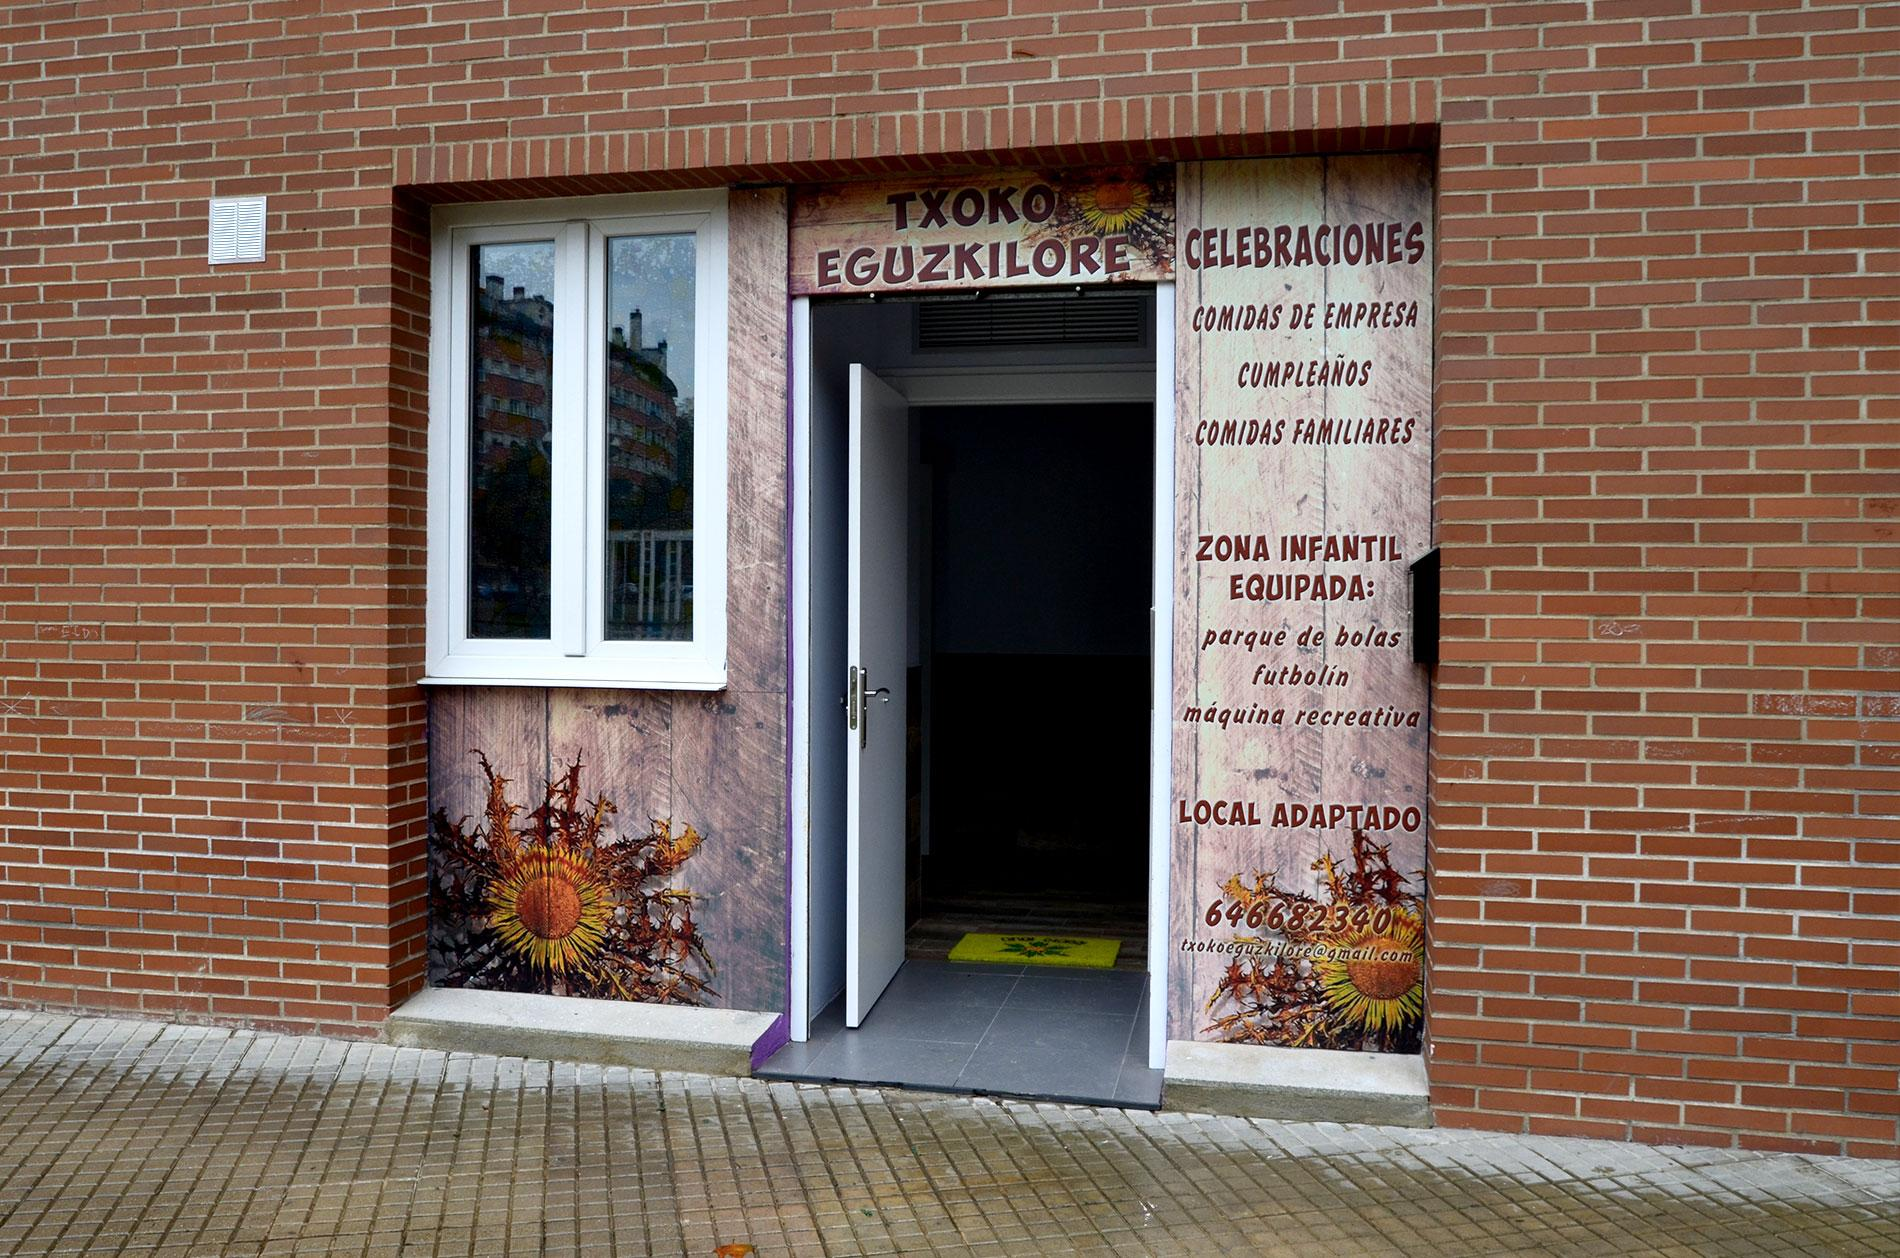 Txoko Eguzkilore - Exterior